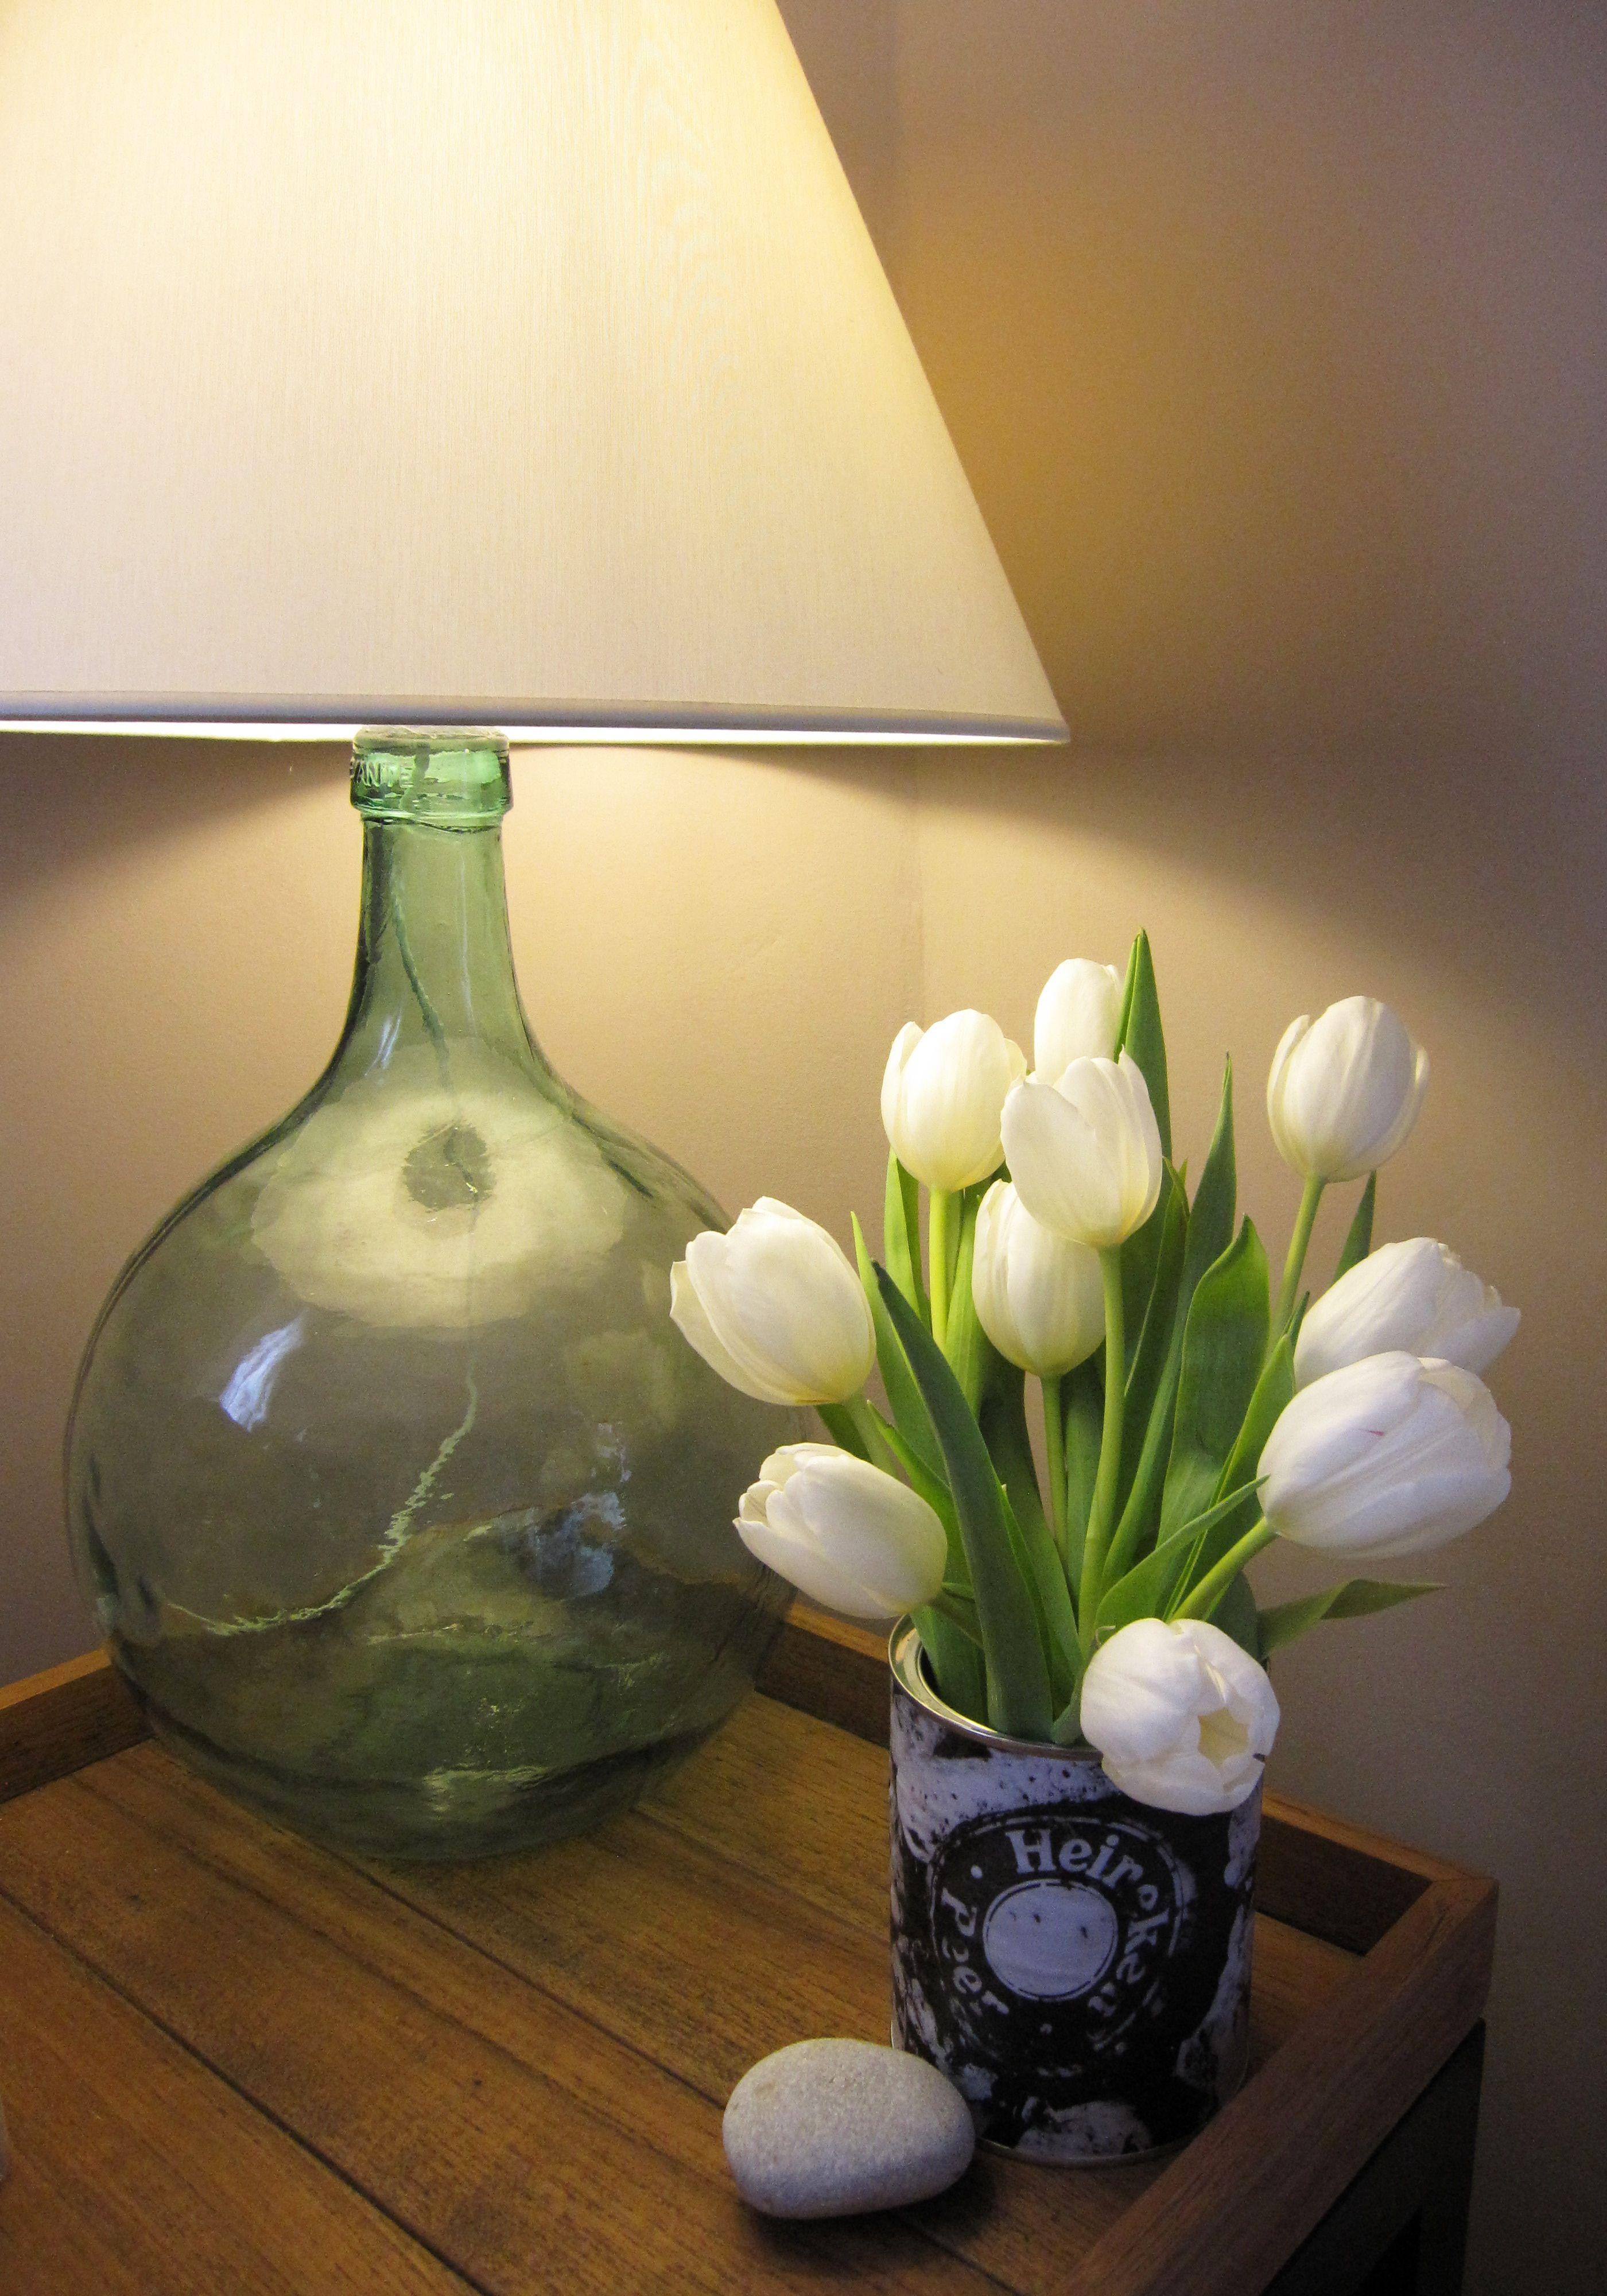 Lata reciclada con aplicación de fotografía y lampara de vidrio con botella antigua de boticario. Se aceptan encargos.